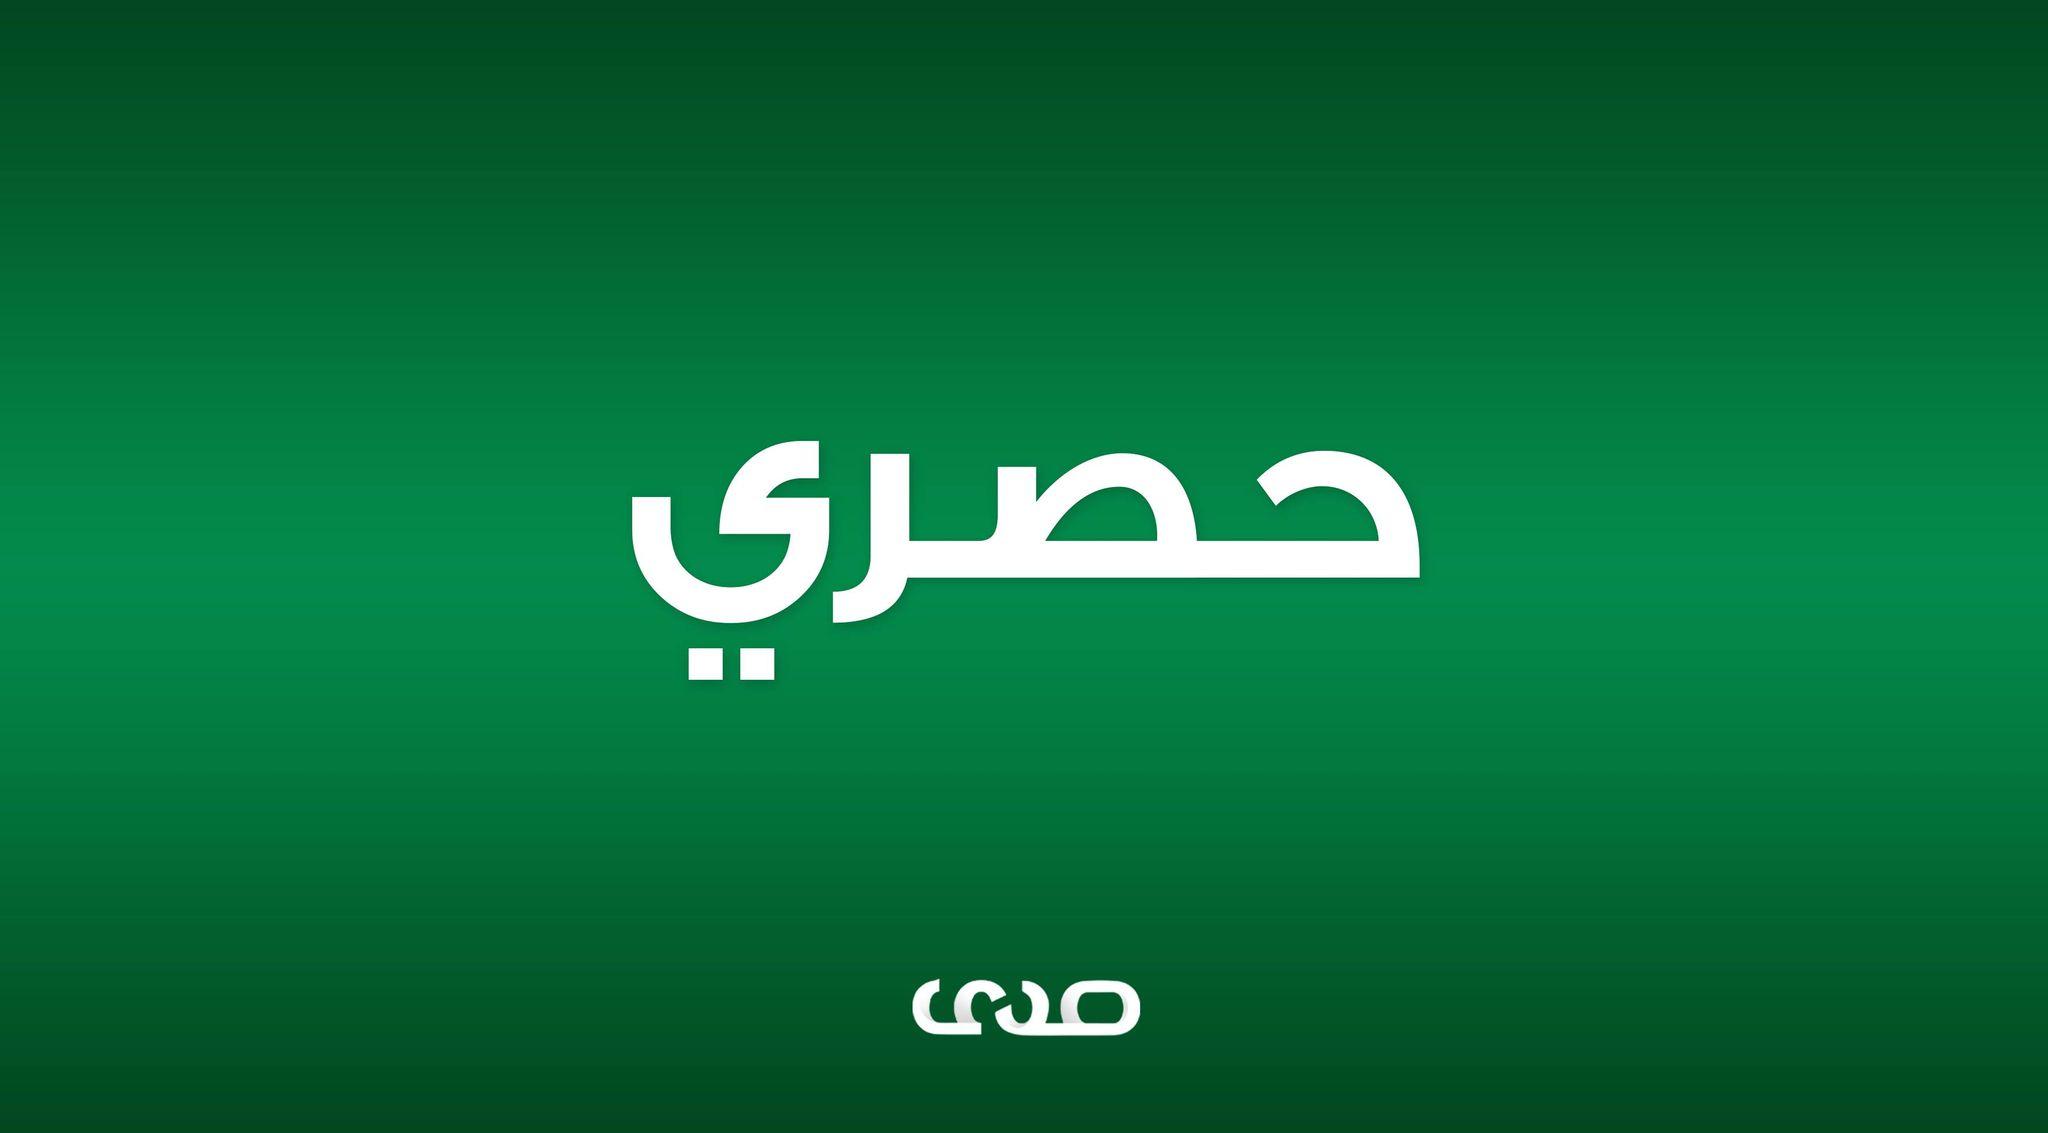 """خاص: بعد القبض على مجموعة مسلحة تابعة له ..""""الحضيري"""" رفقة الكاتب يفر براً إلى تونس"""